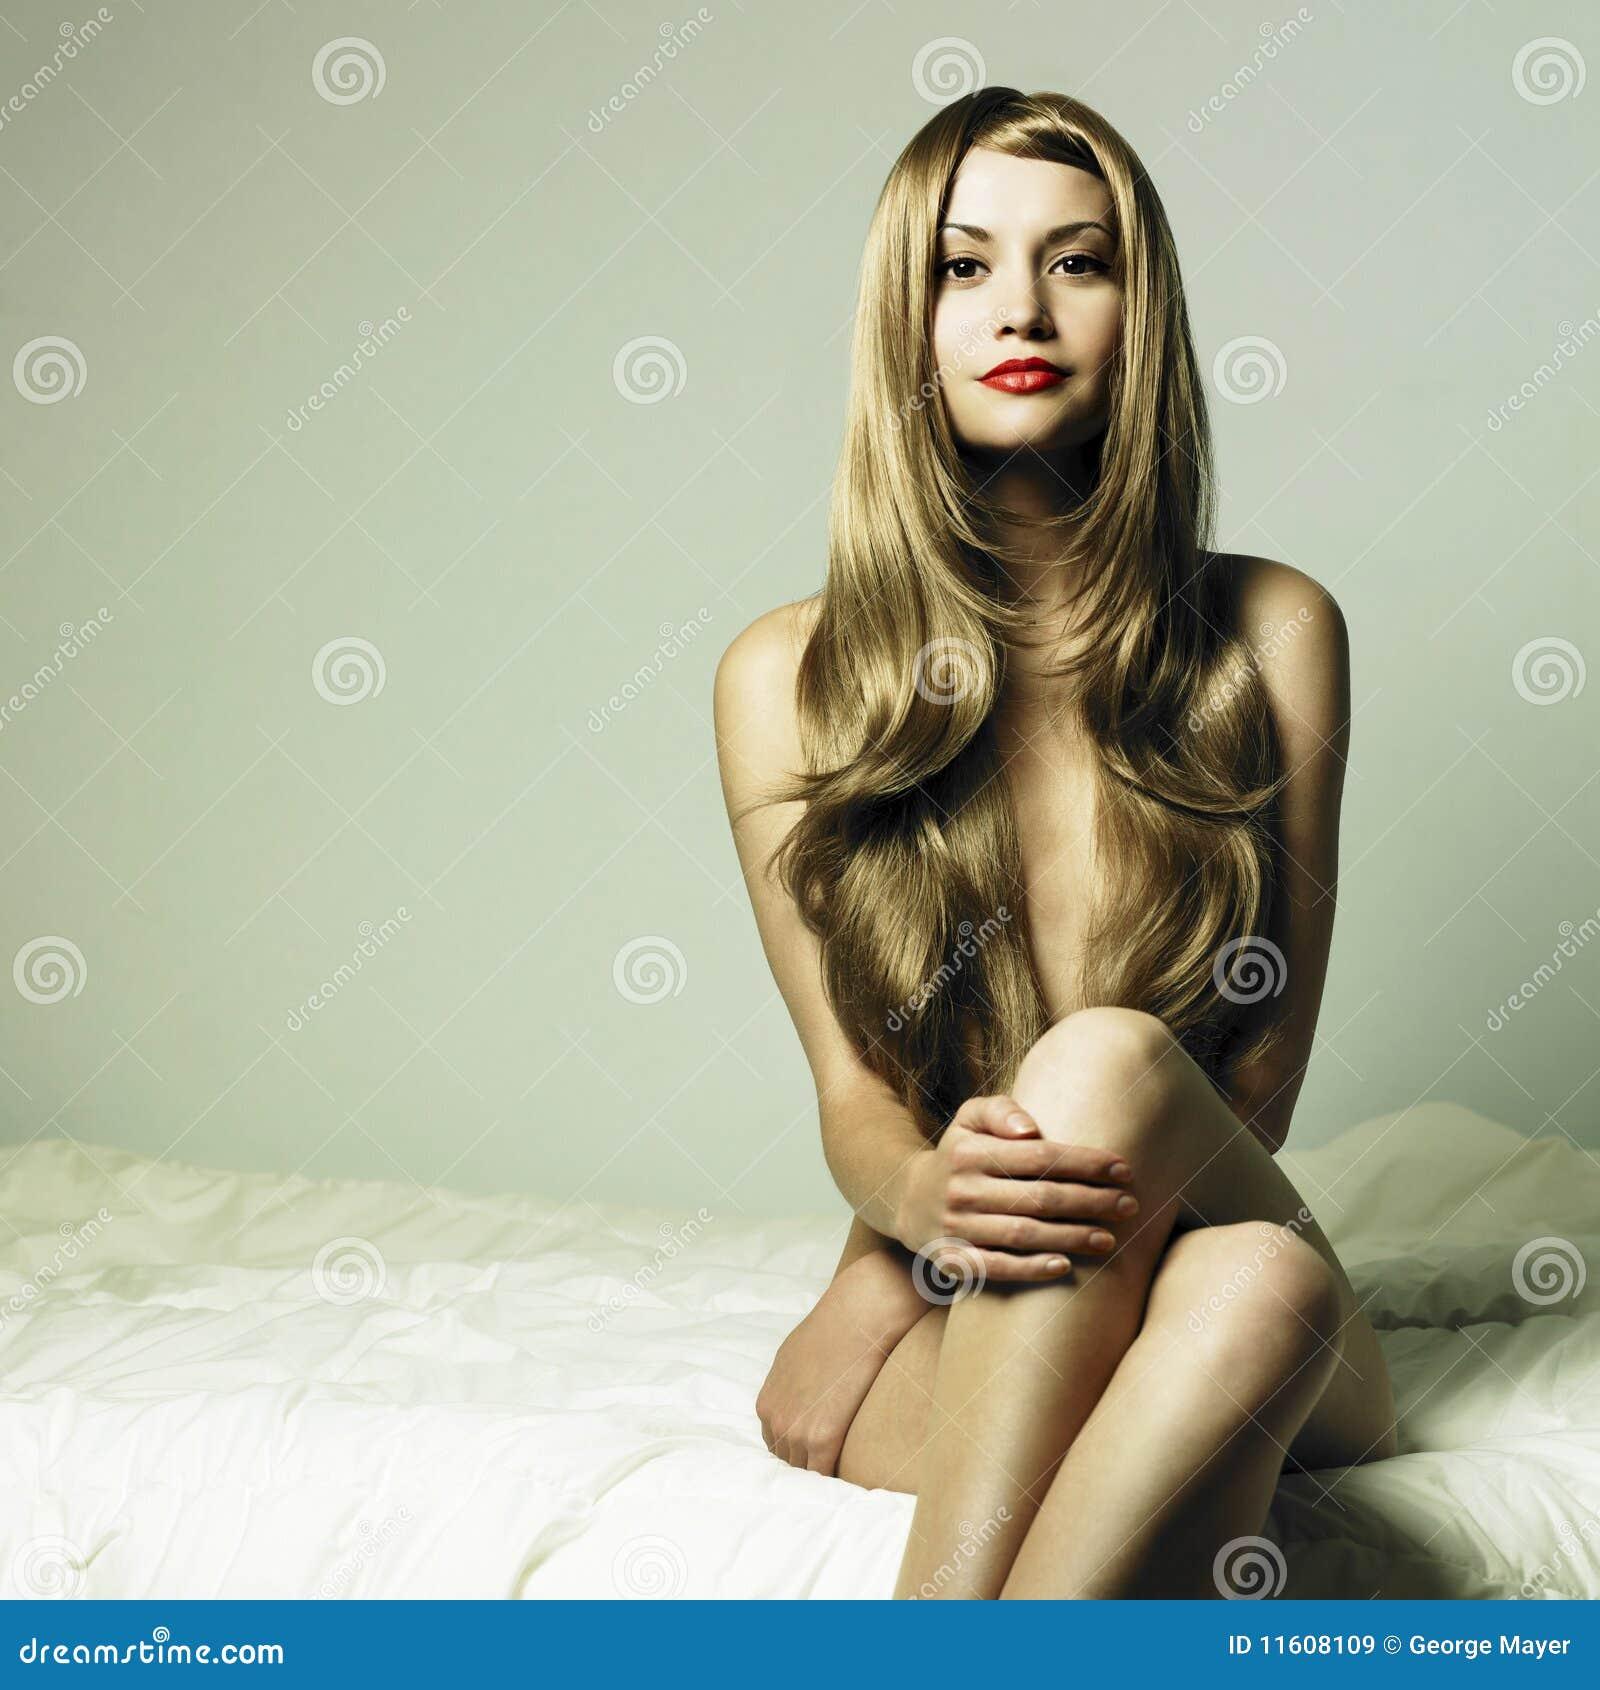 Nude Bilder von Frau Klausel